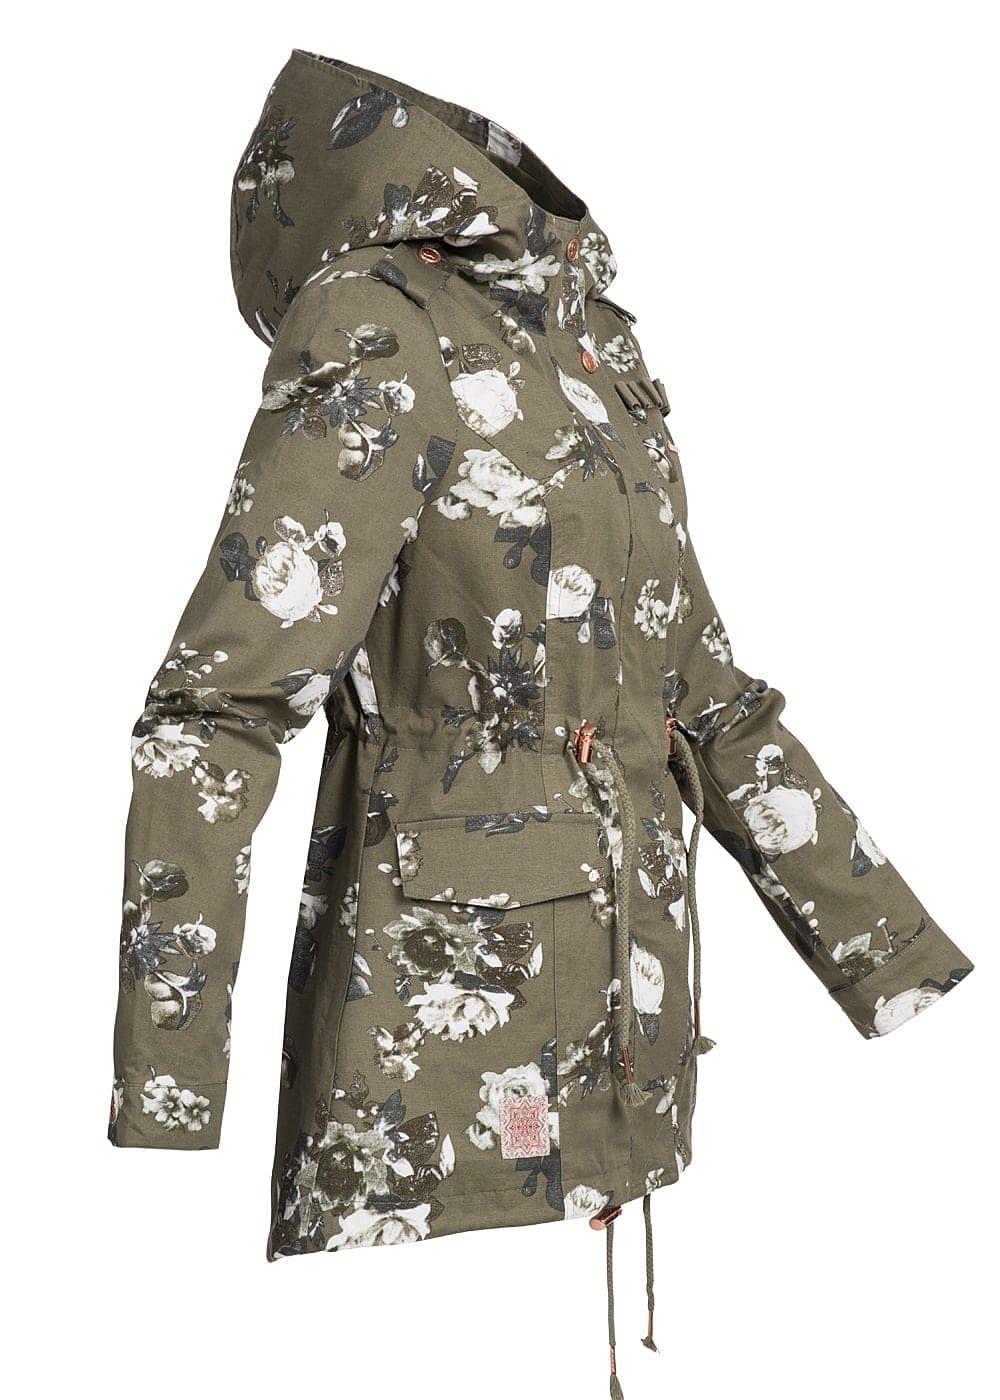 Muster Olive Übergangs Blumen Damen Parka Weiss Kapuze Aiki Taschen 2 Taillenzug Grün QdCoexBWr